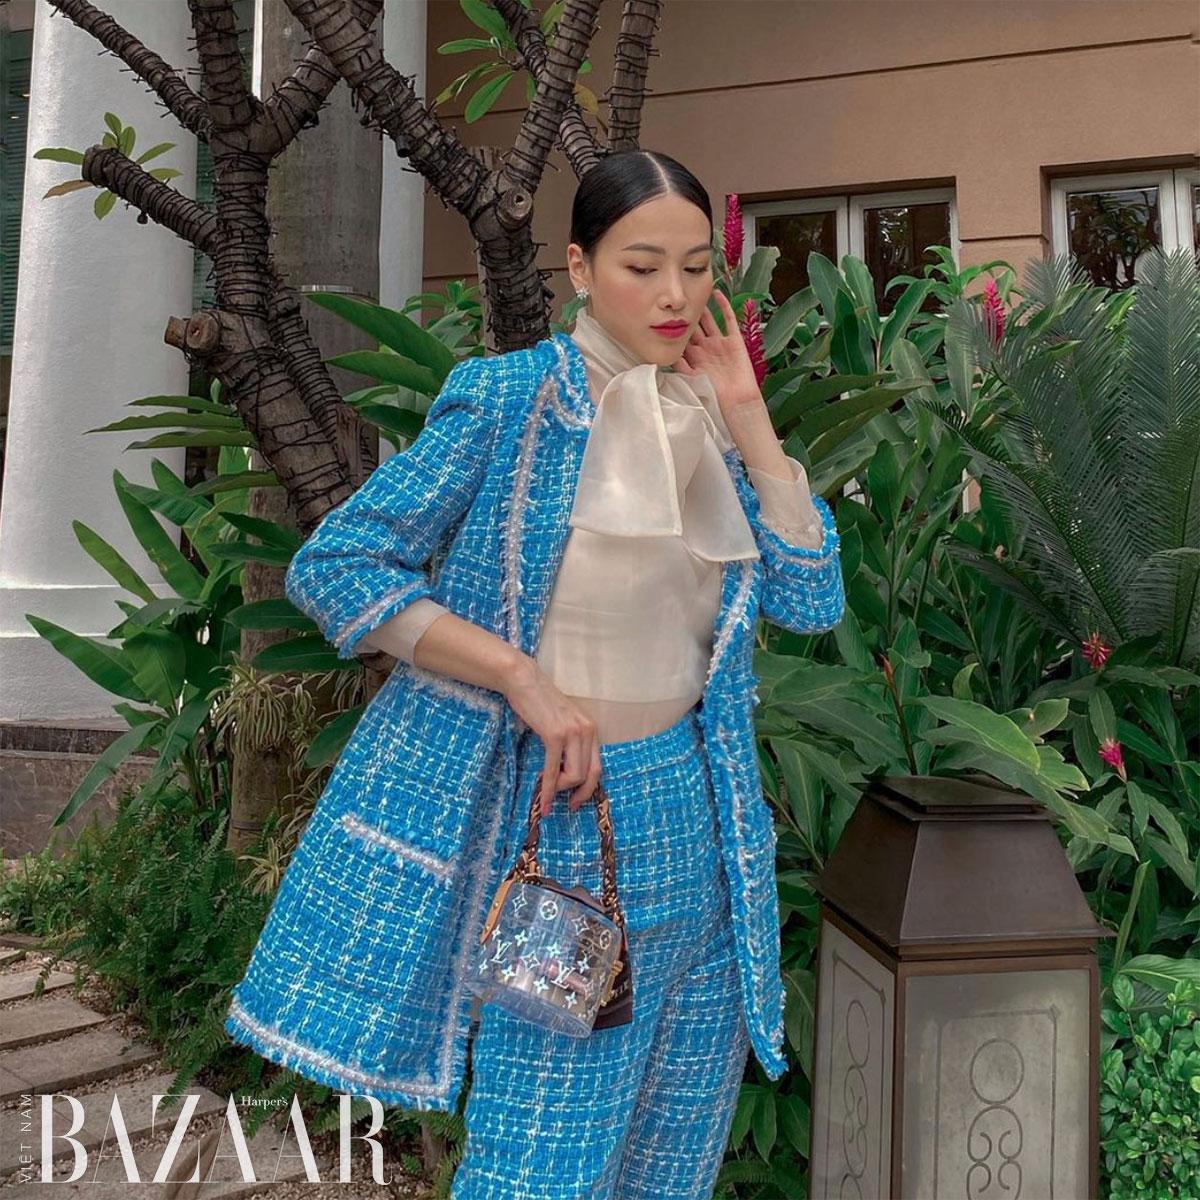 Hoa hậu Phương Khánh với chiếc túi LV Box Scott, một loại túi vanity trong suốt